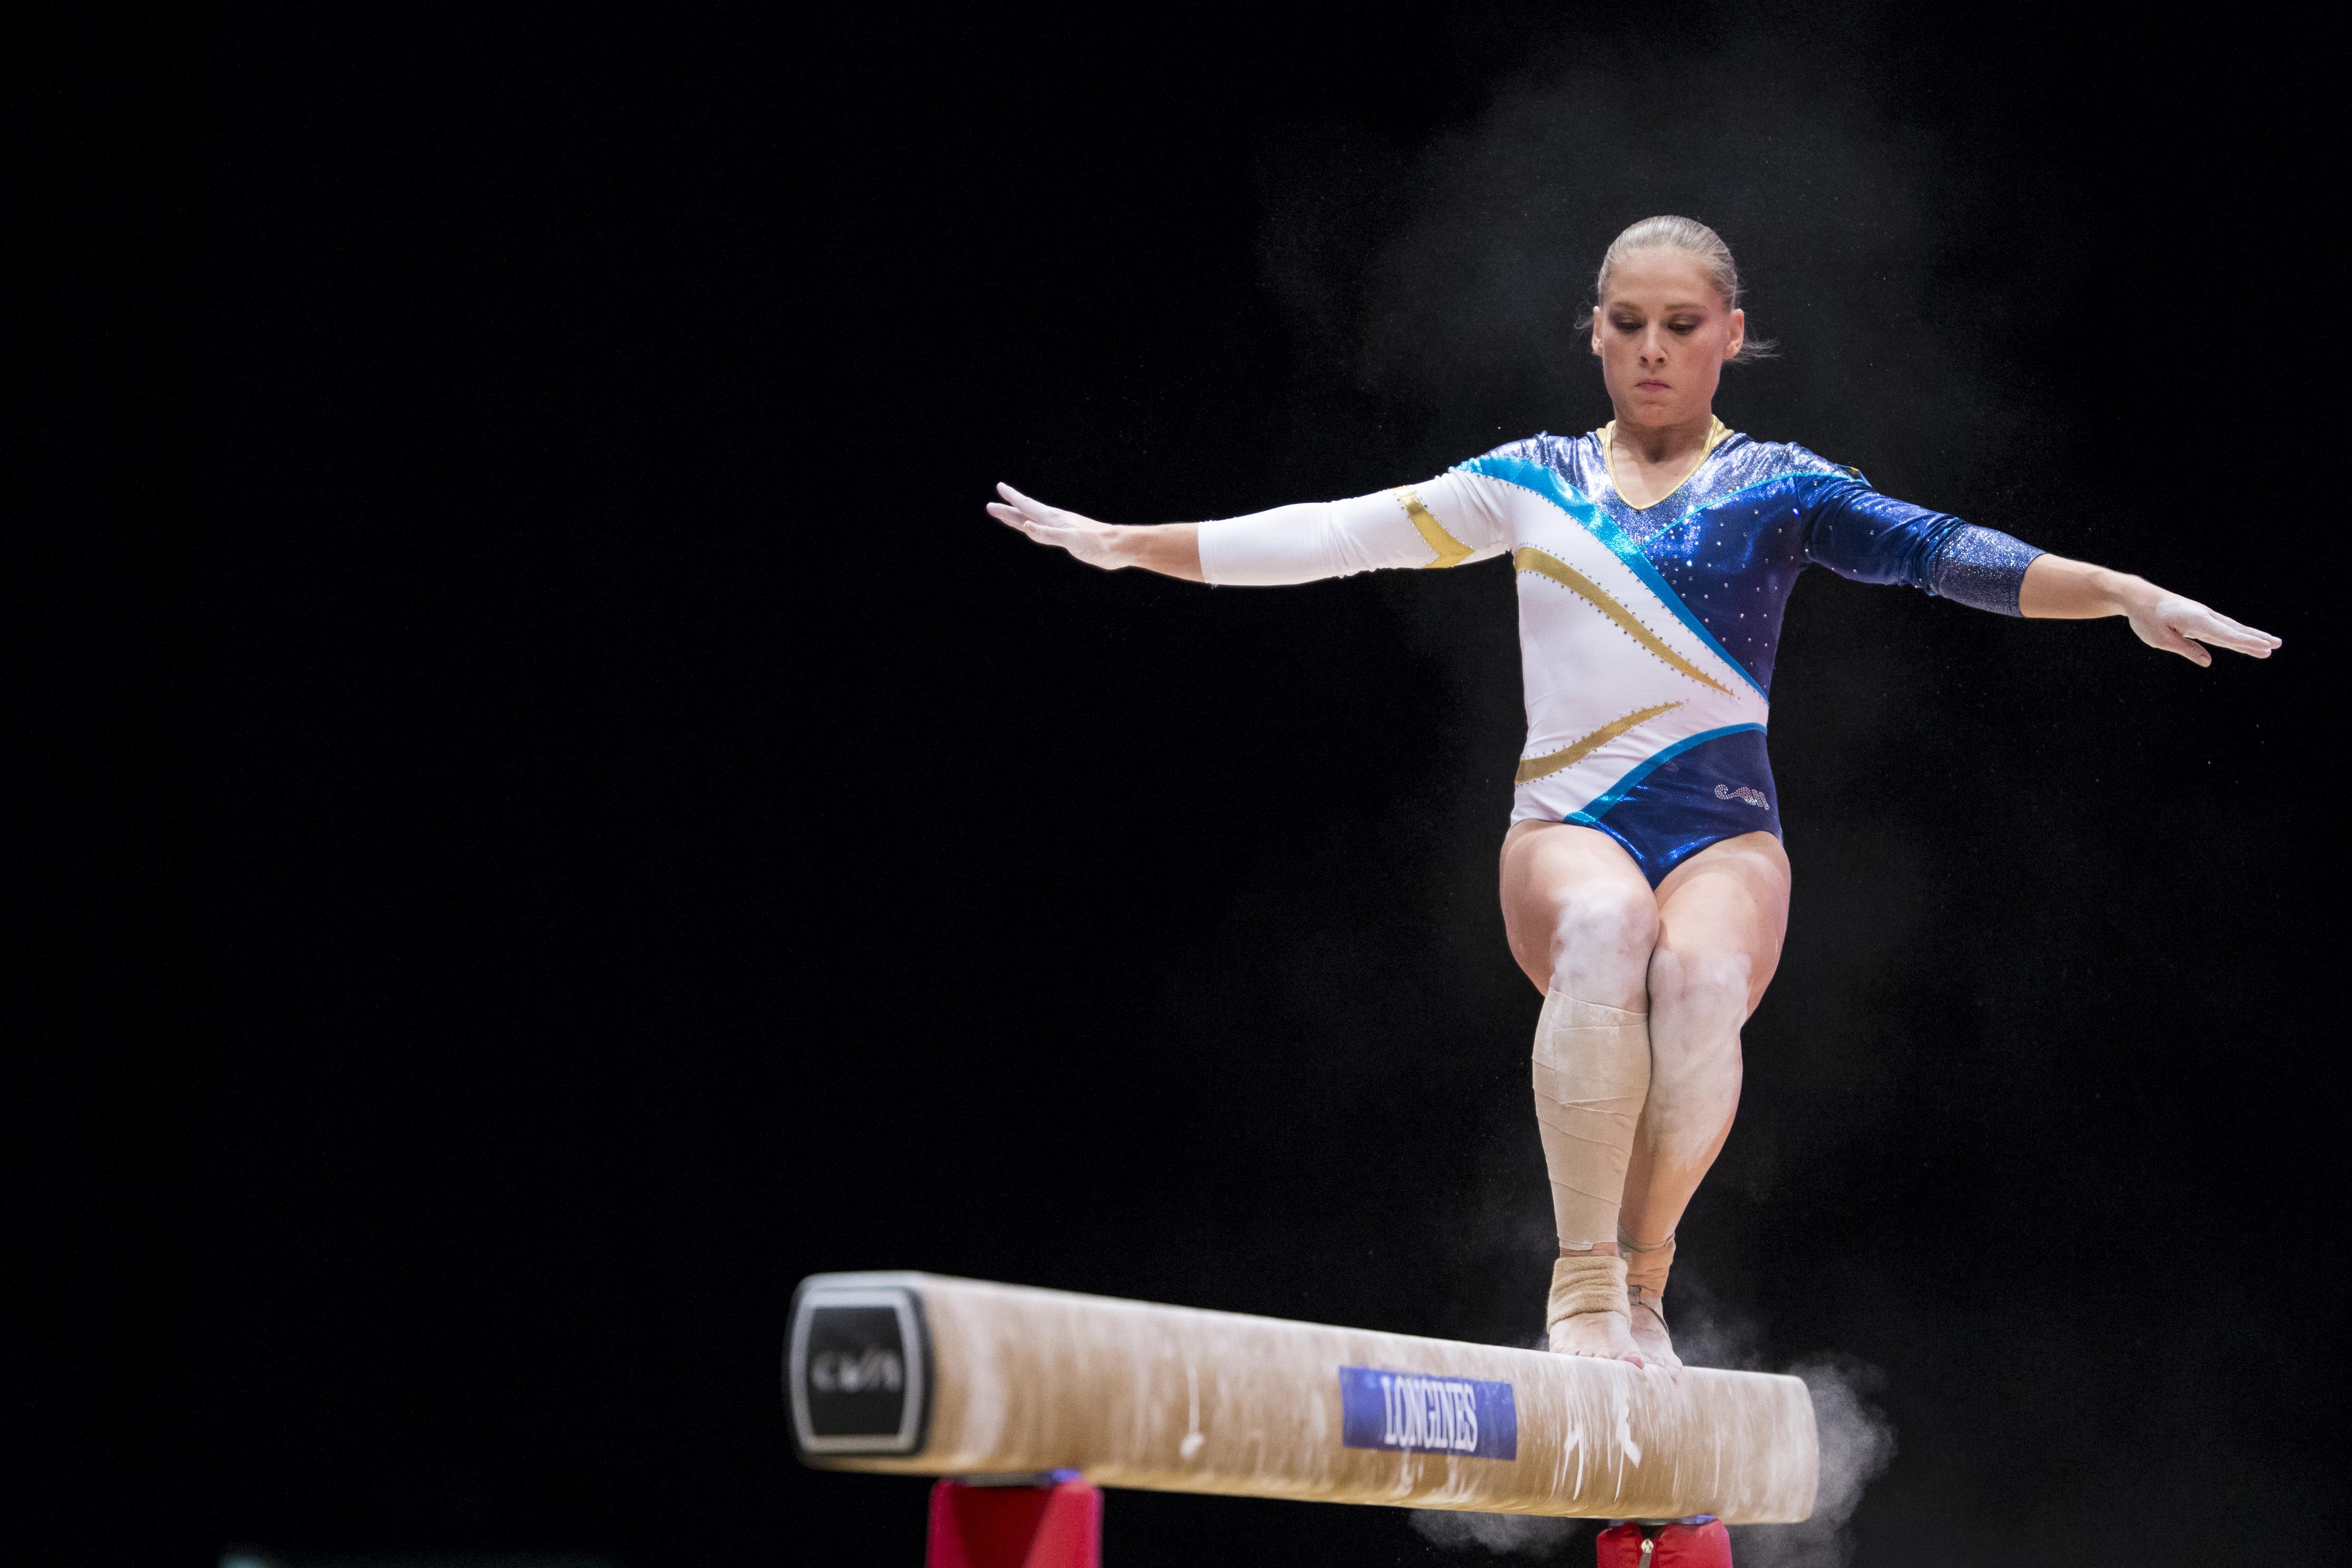 151023 Veronica WAGNER, Sverige under lagtŠvlingen i Gymnastik den 23 oktober 2015 i Glasgow. Foto: Christian Thomassen / BILDBYRN / COP 196